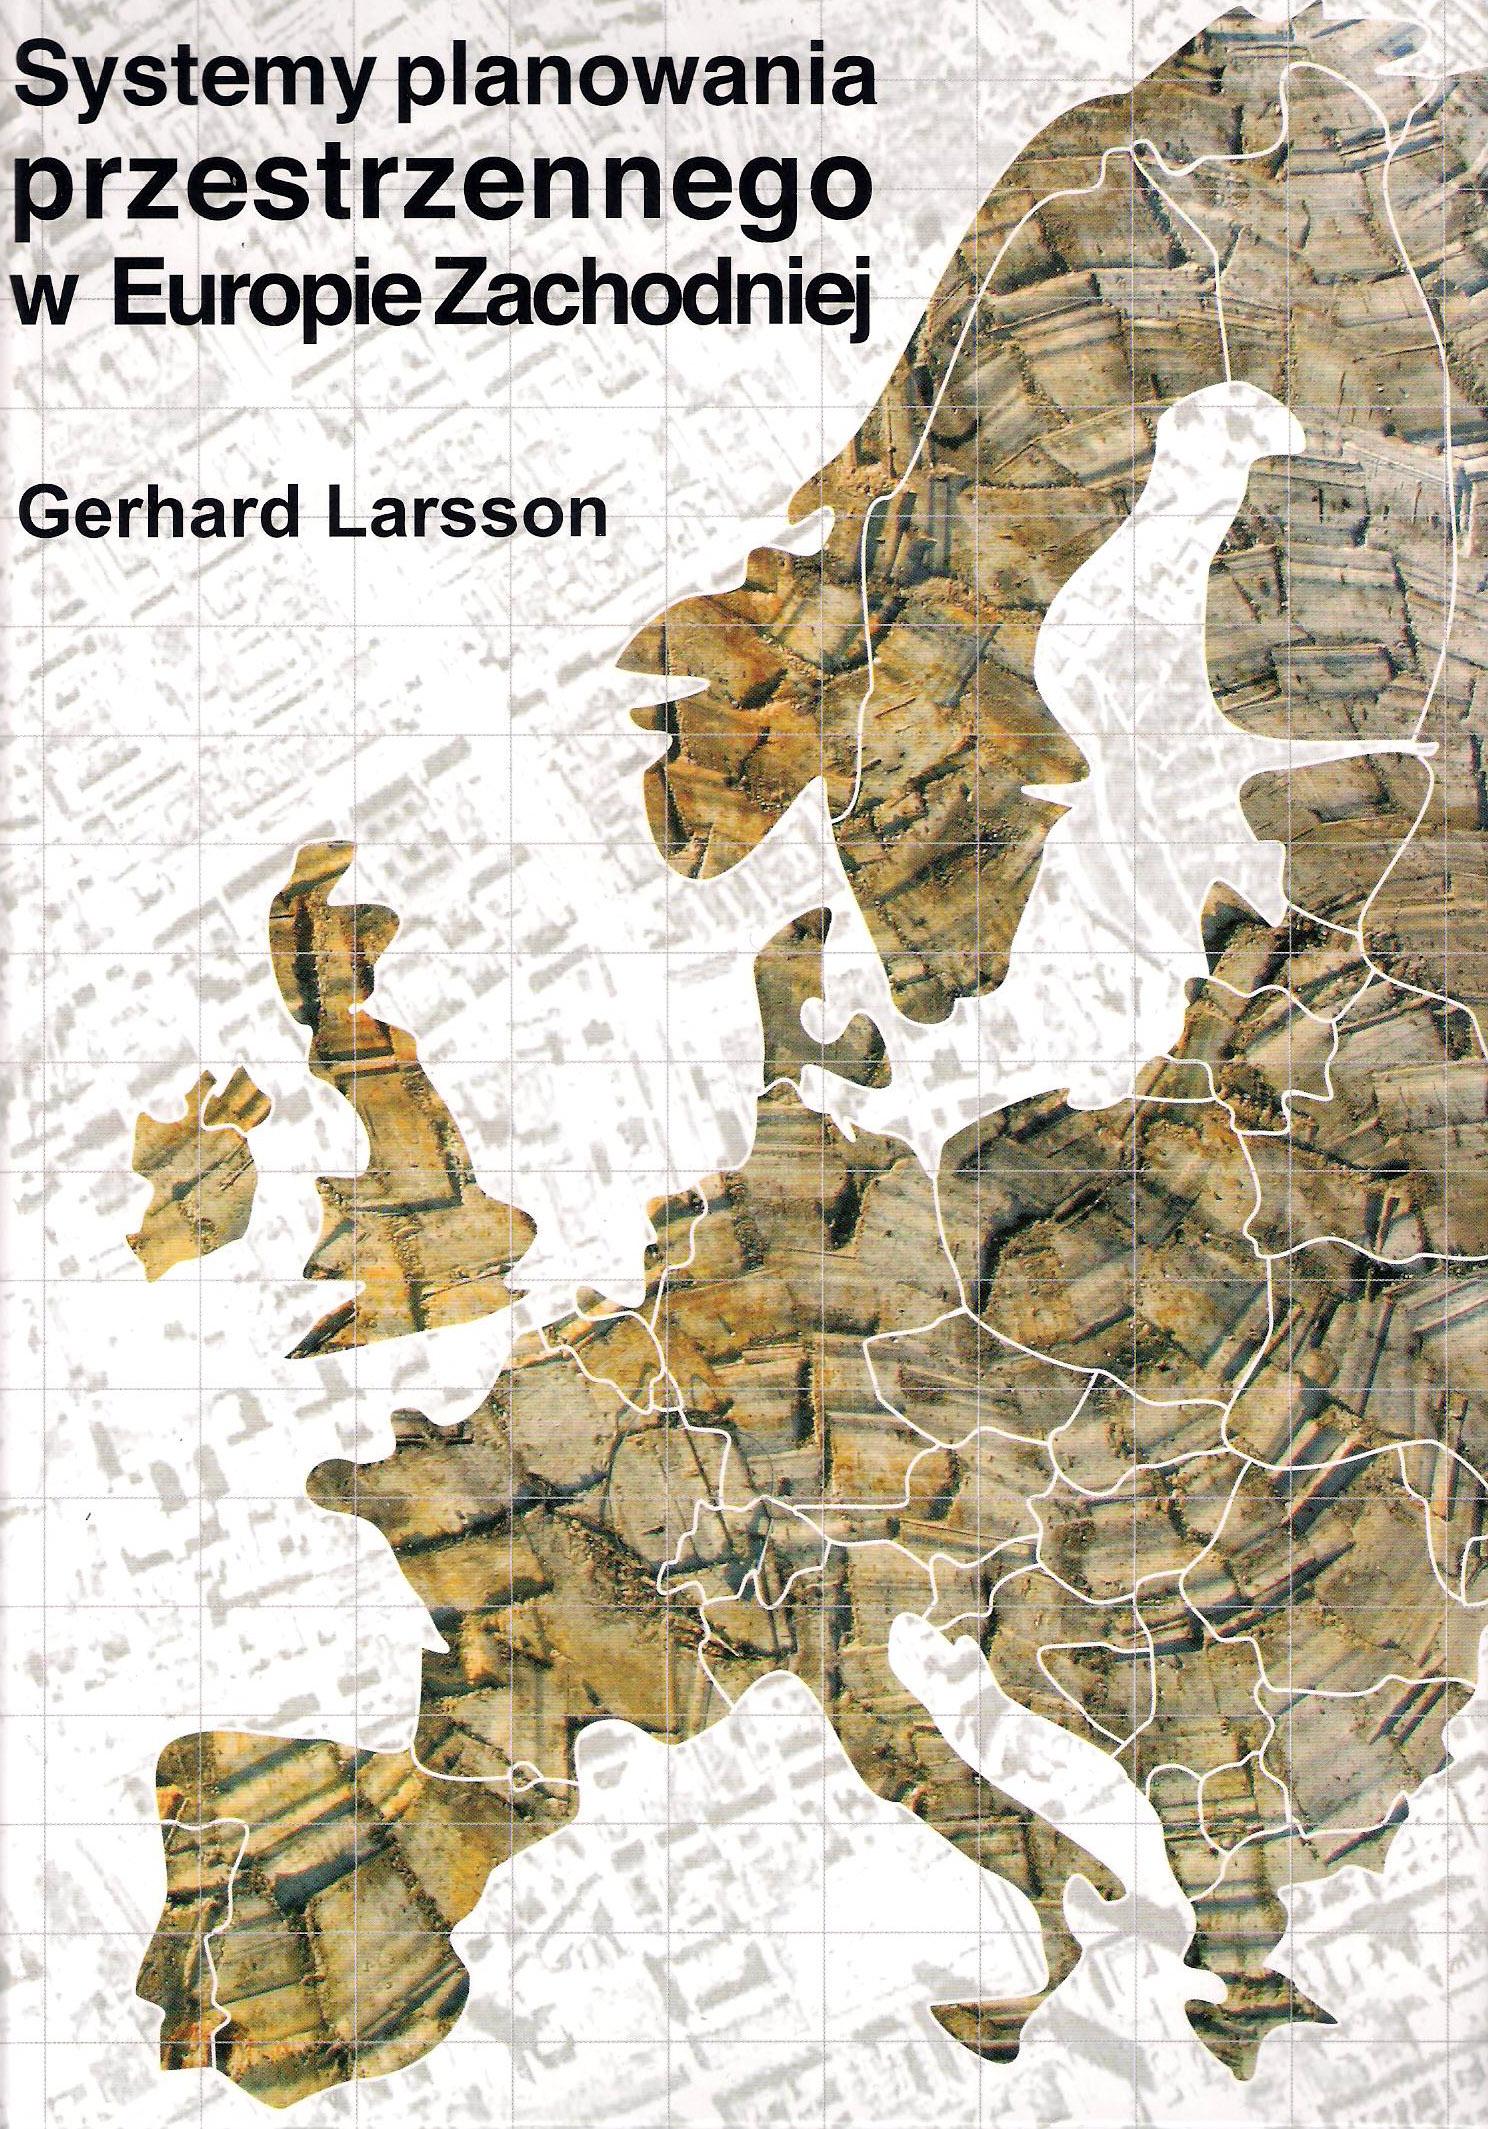 Znalezione obrazy dla zapytania: Gerhard Larsson : Systemy planowania przestrzennego w Europie Zachodniej